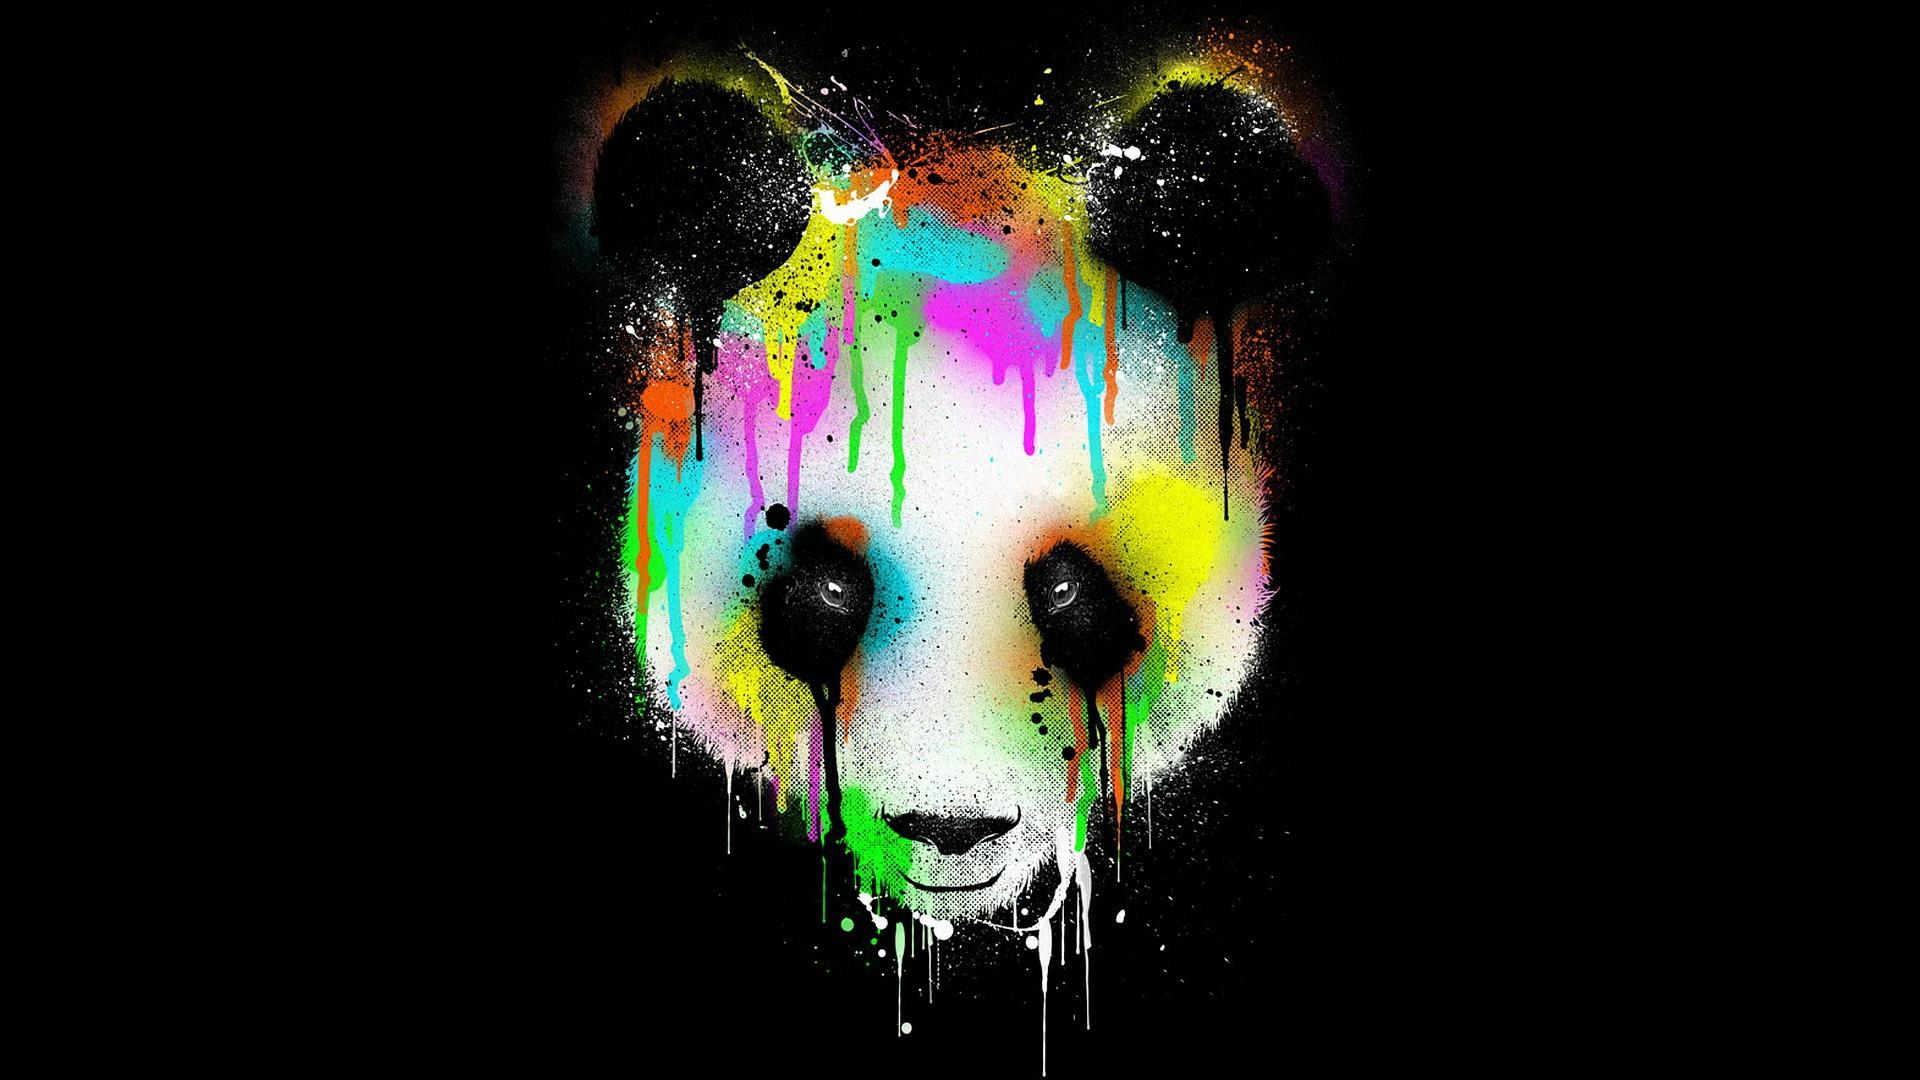 大熊猫图片大全 高清大图 动物壁纸-第3张